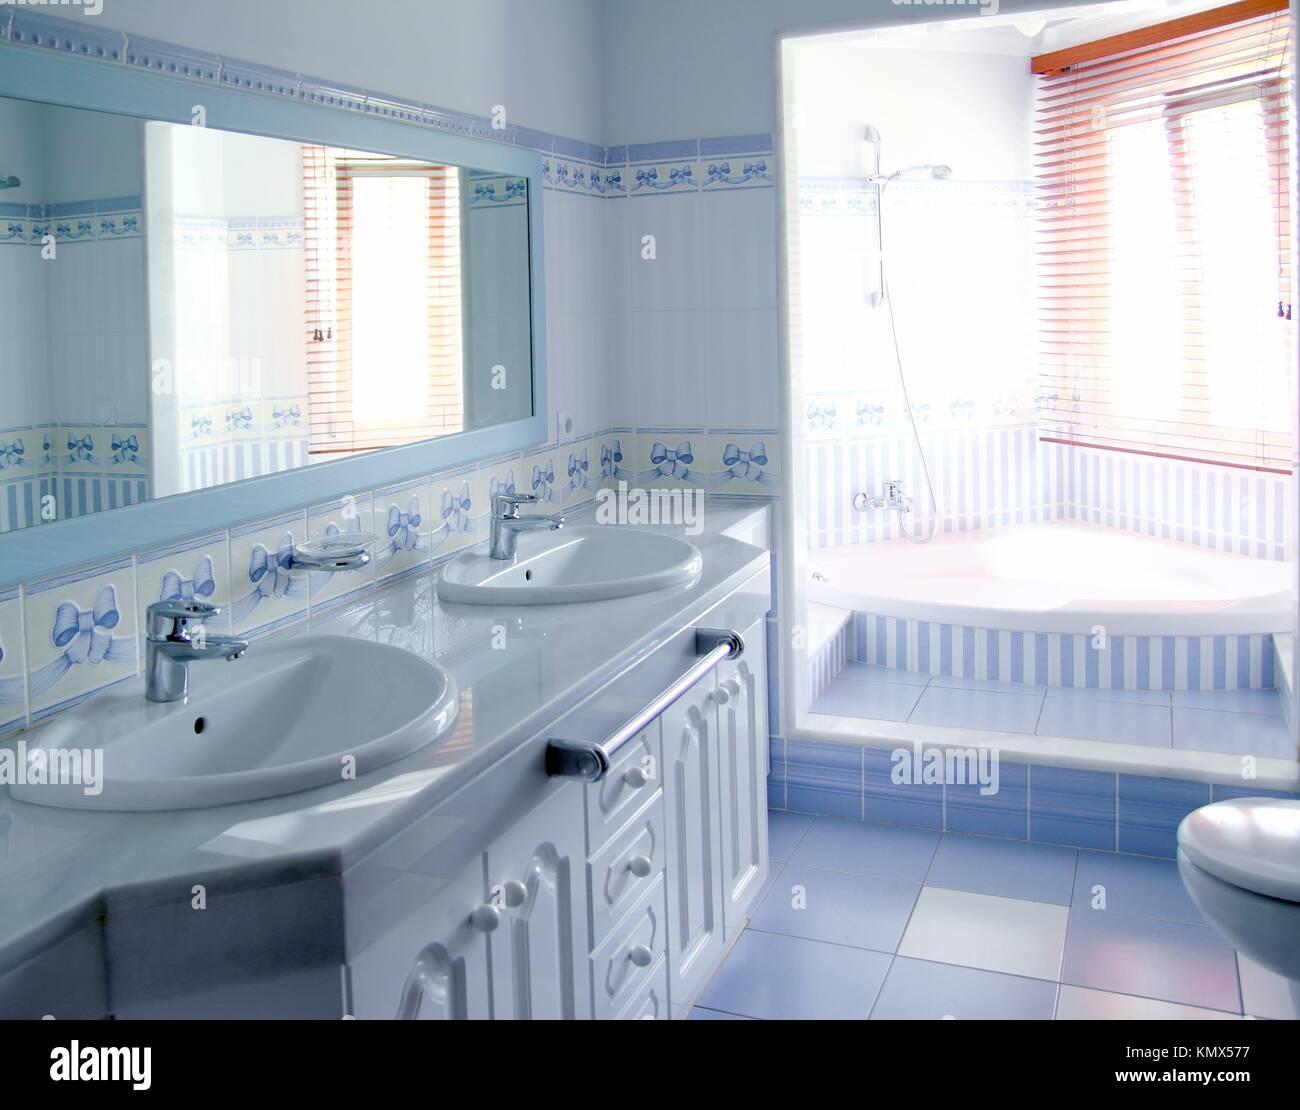 Klassischen Blauen Badezimmer Interieur Fliesen Dekoration